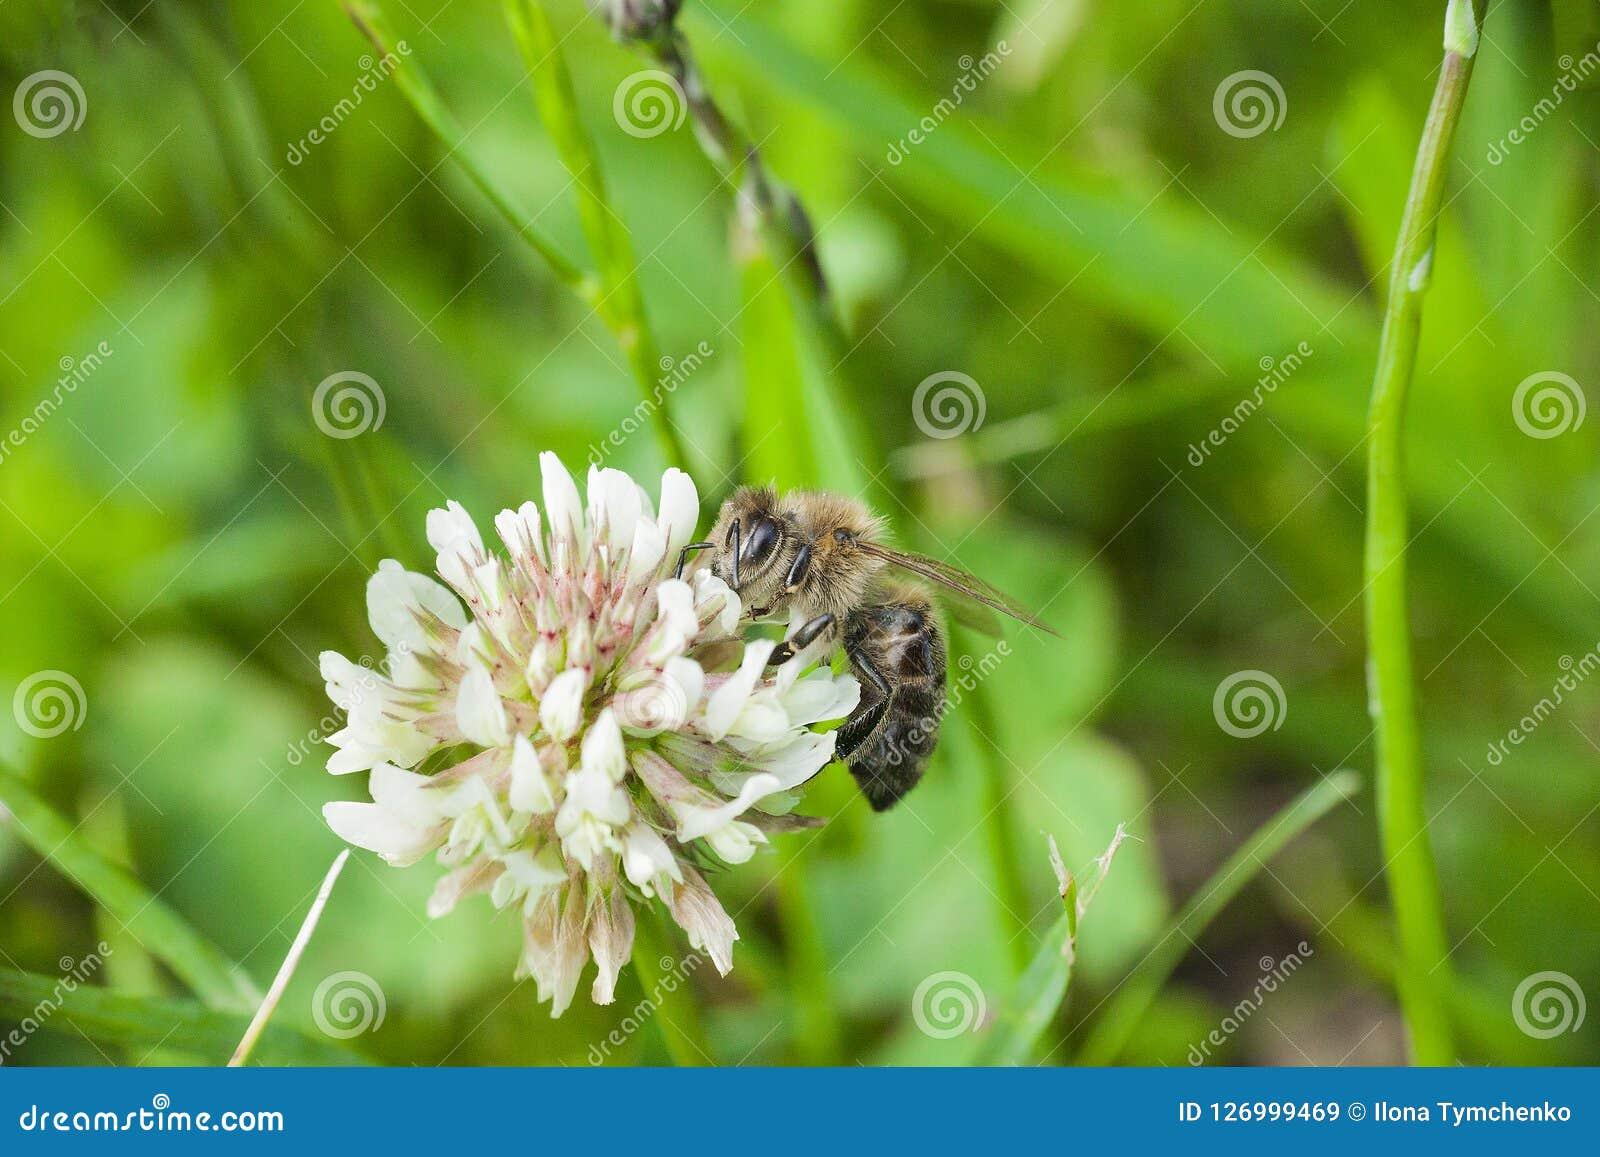 L abeille rassemble nectaring sur la fleur sauvage de tréfle blanc